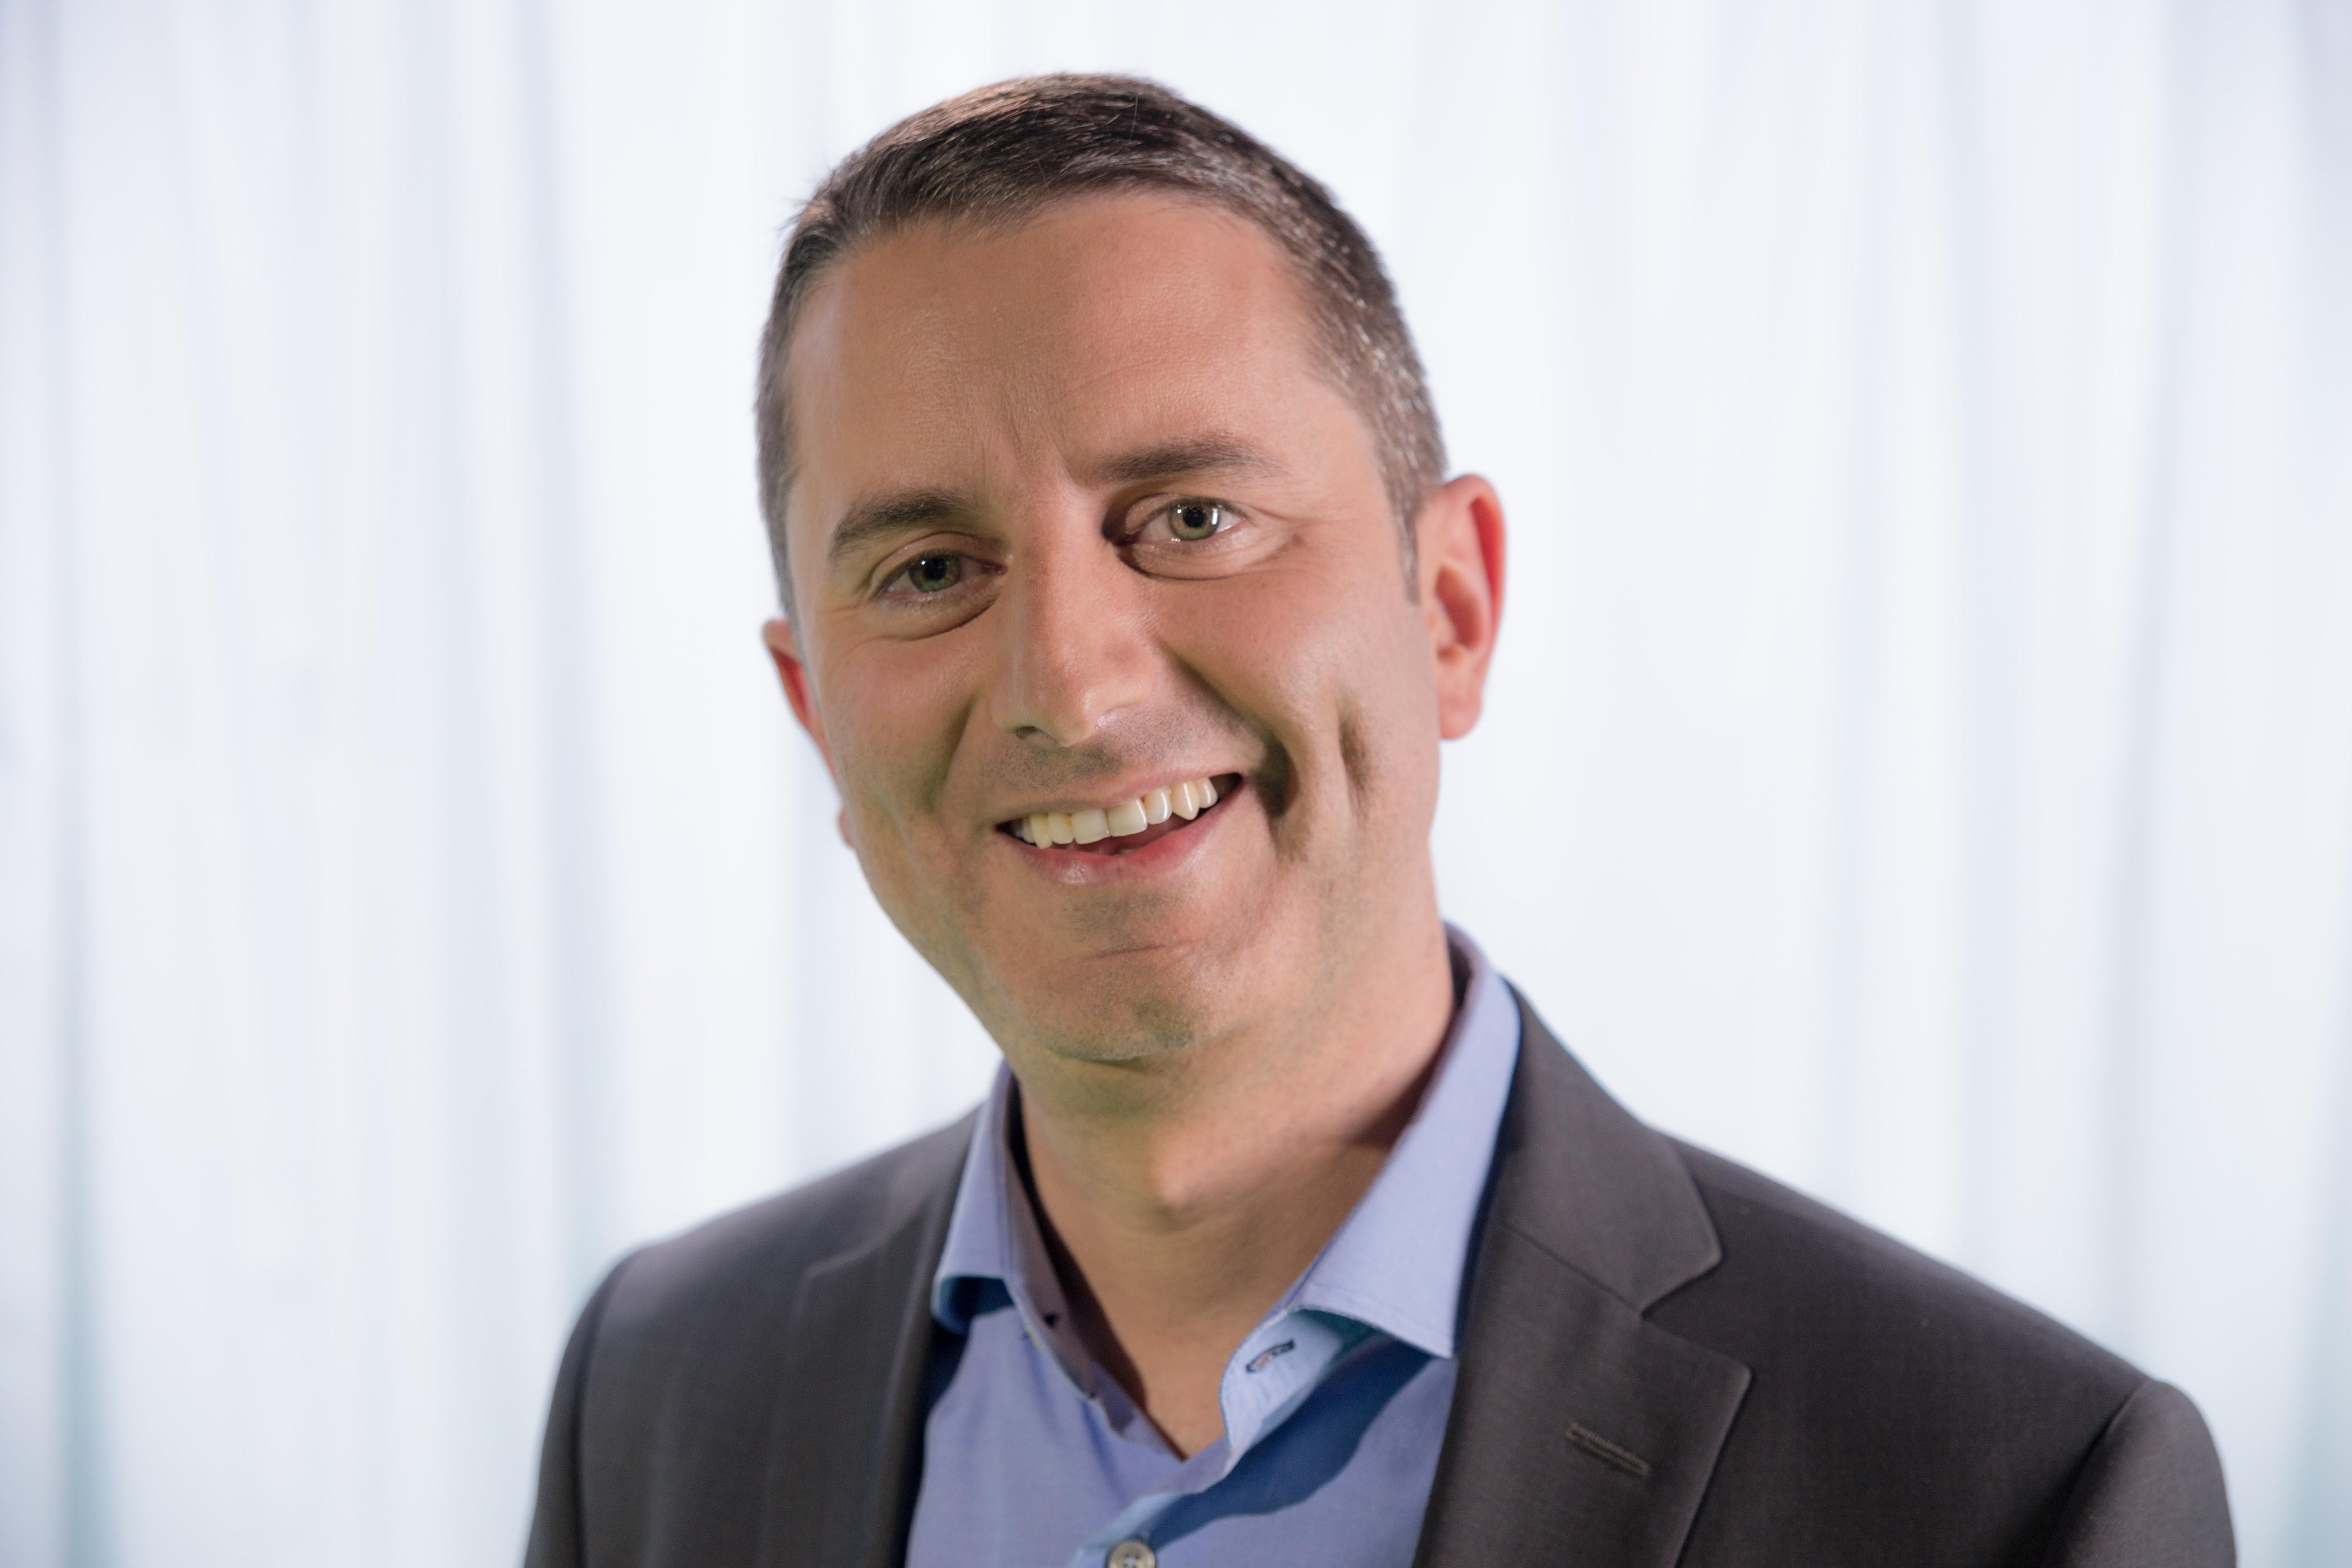 Luc Bretones, Président de Purpose for Good et du think tank Institut G9+